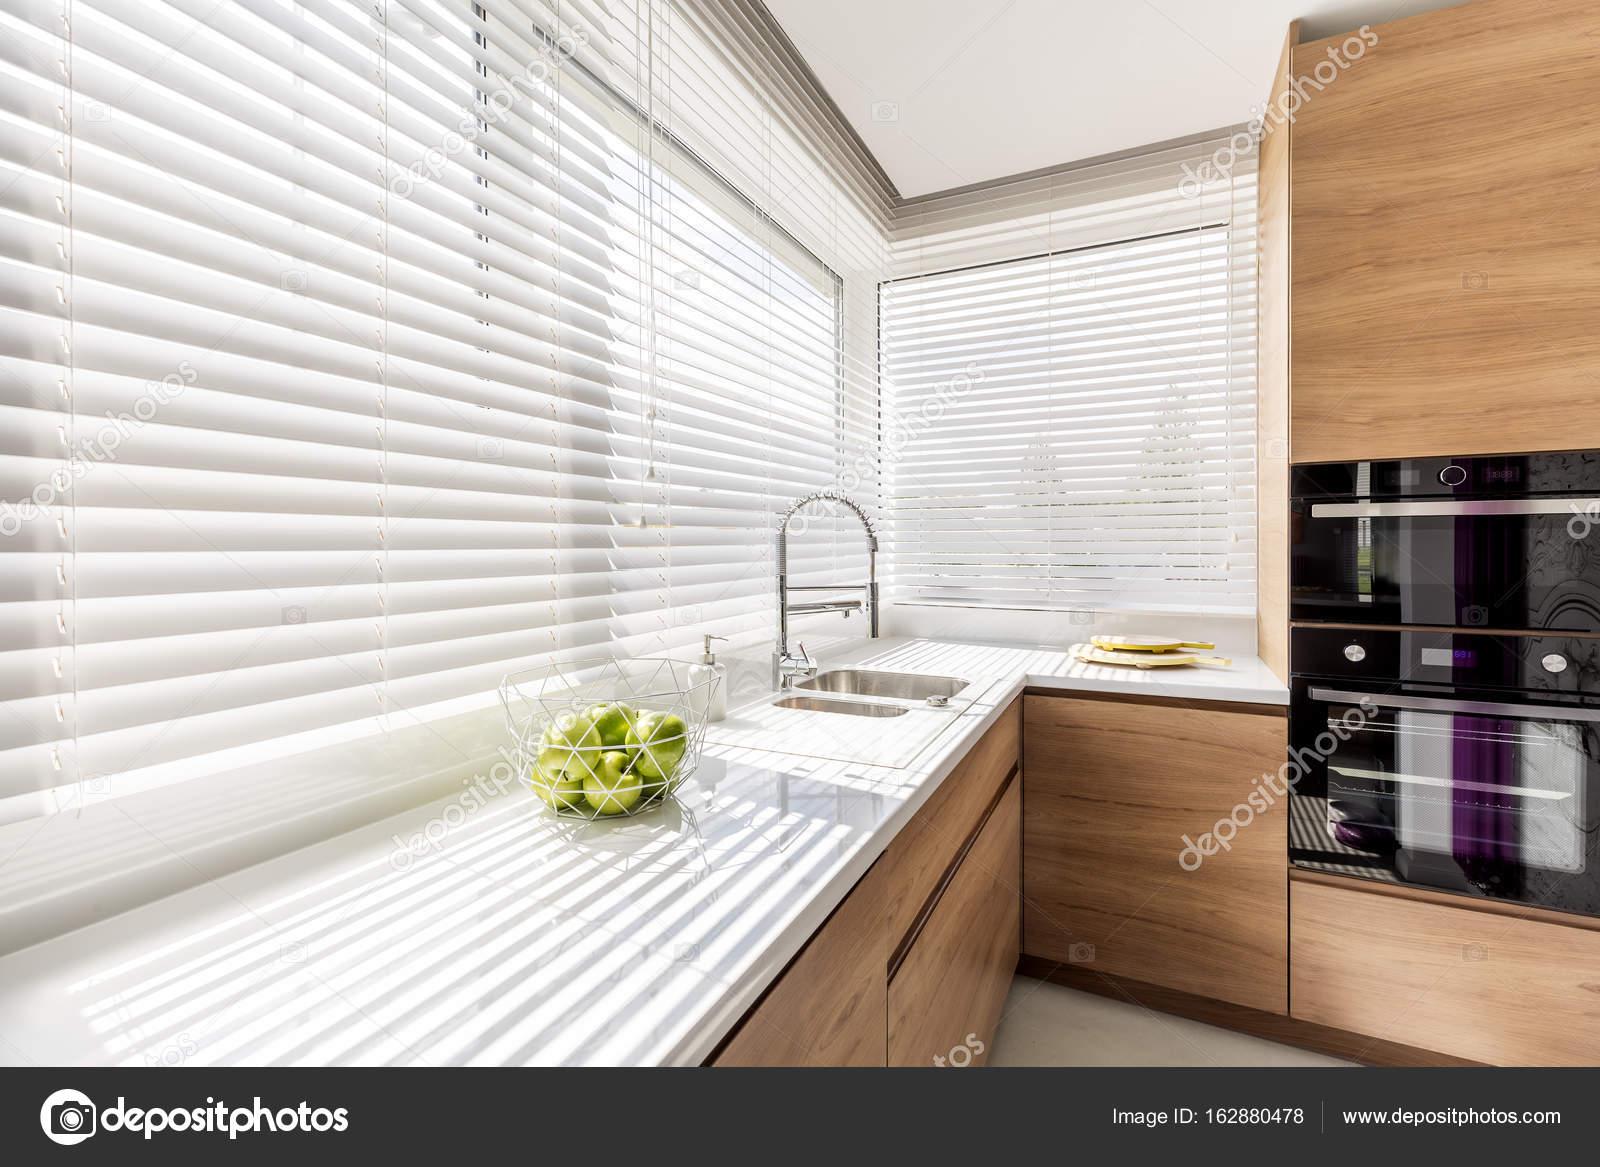 Cozinha Com Cortinas De Janela Branco Stock Photo Photographee